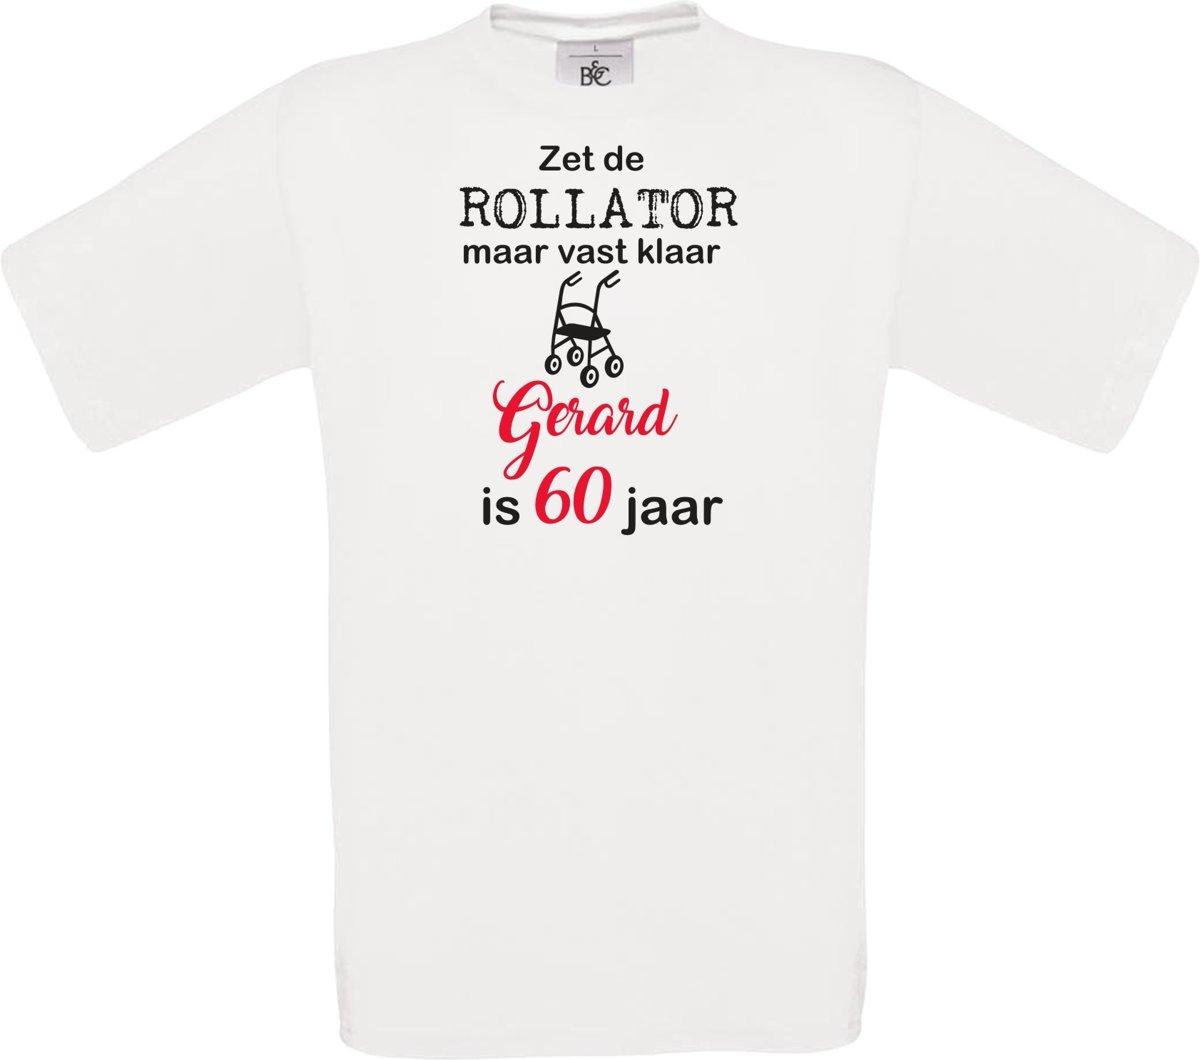 T-shirt - unisex - Zet de rollator maar vast klaar - met voornaam - 60 jaar - wit - maat XL